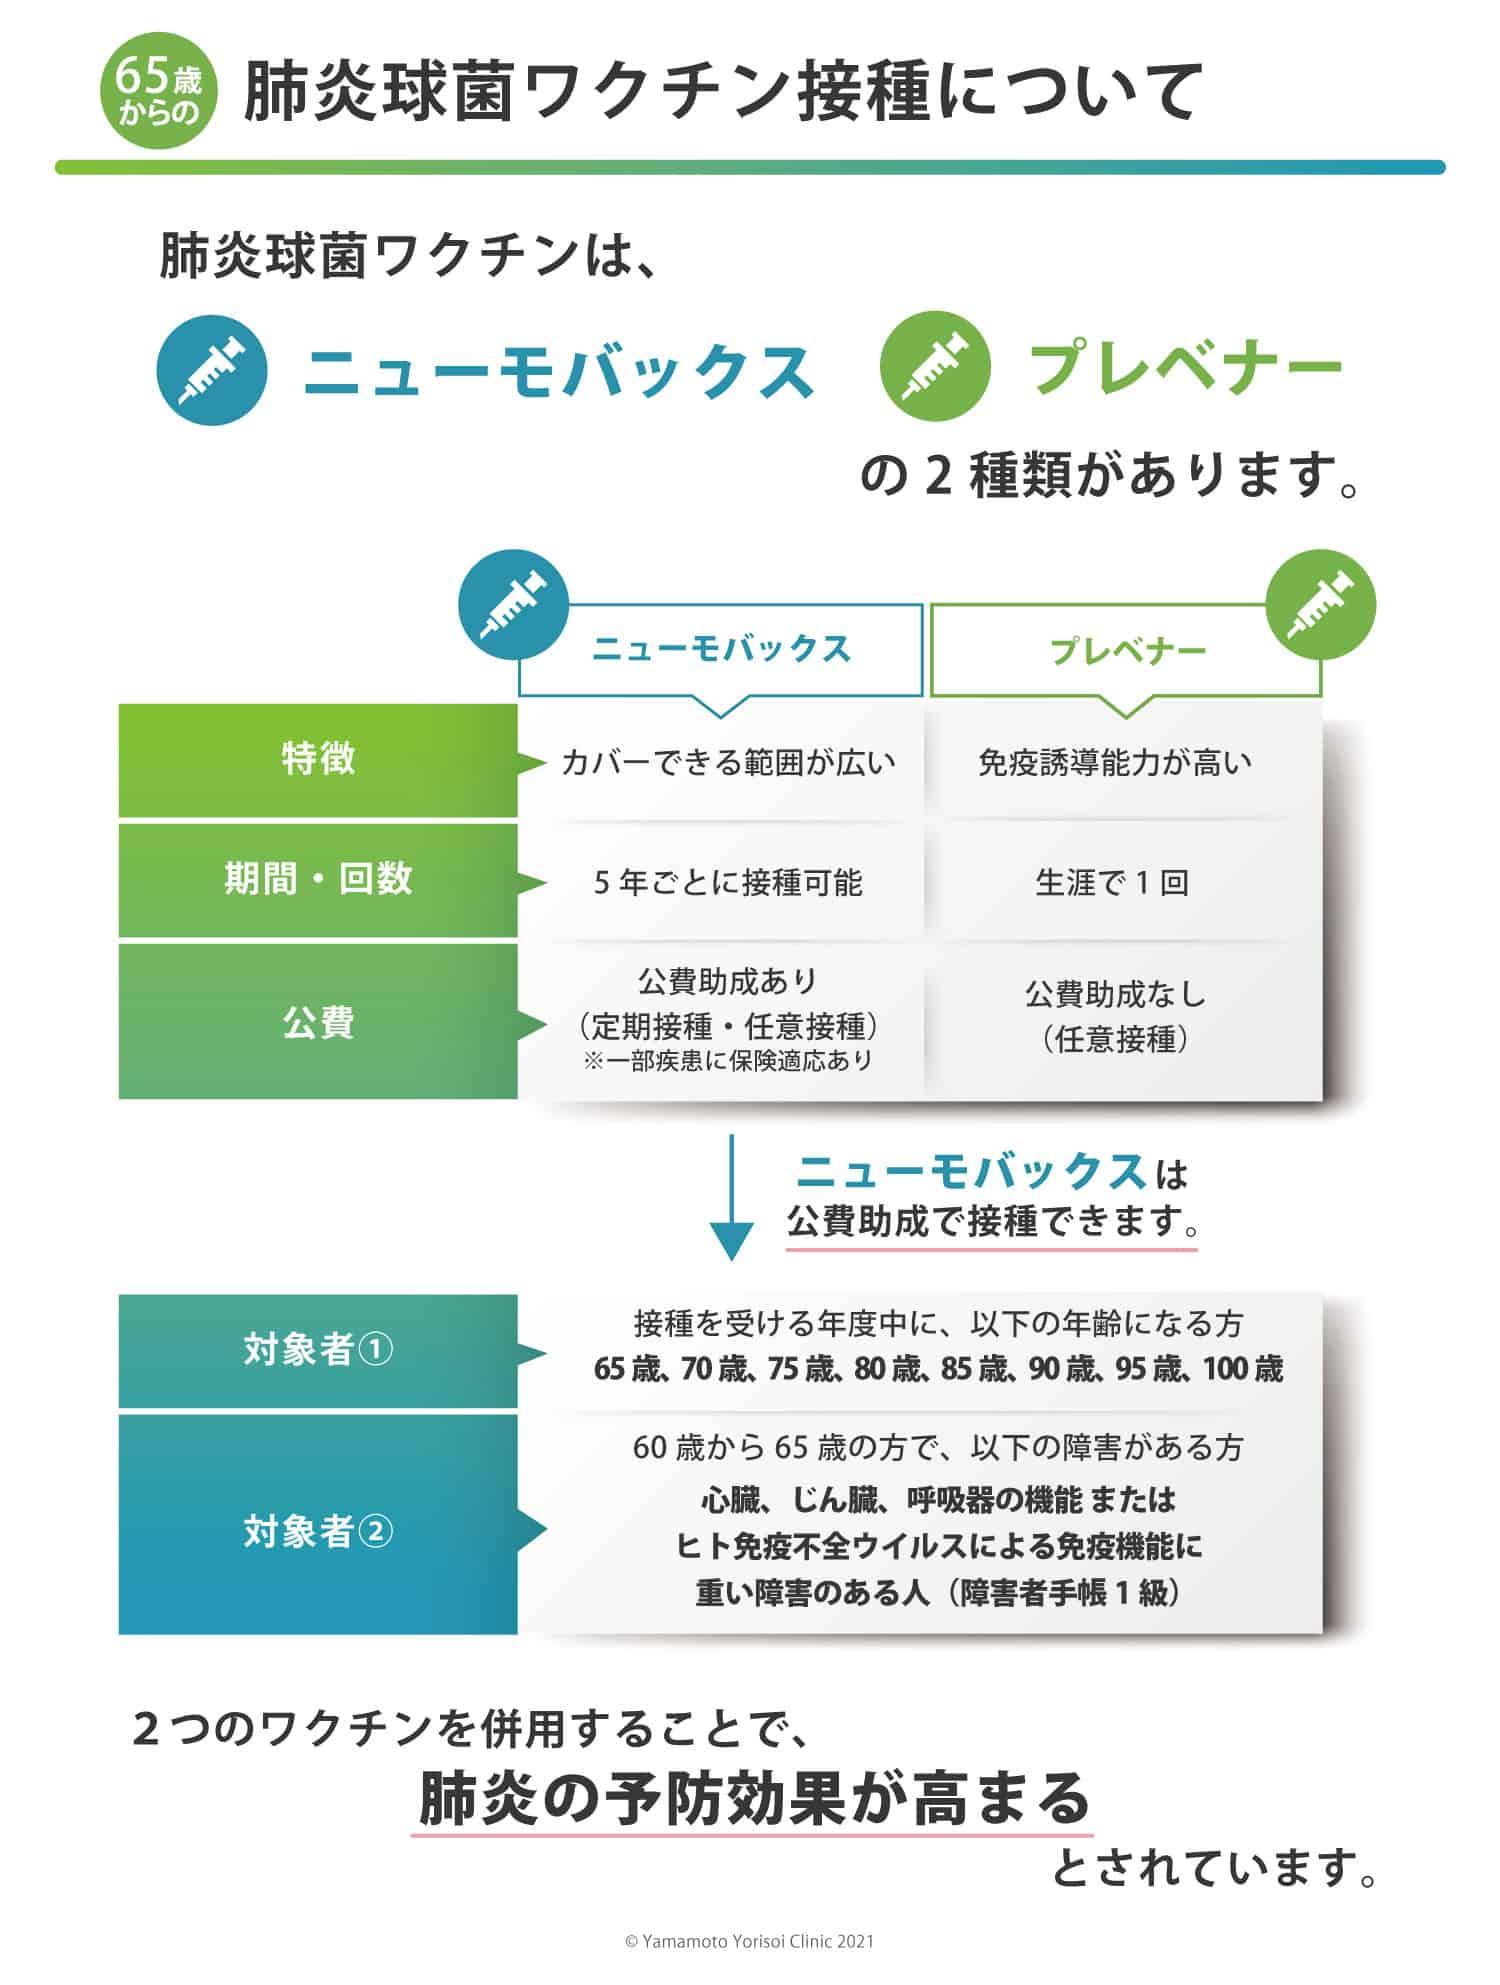 肺炎球菌ワクチン接種についてのイメージ図